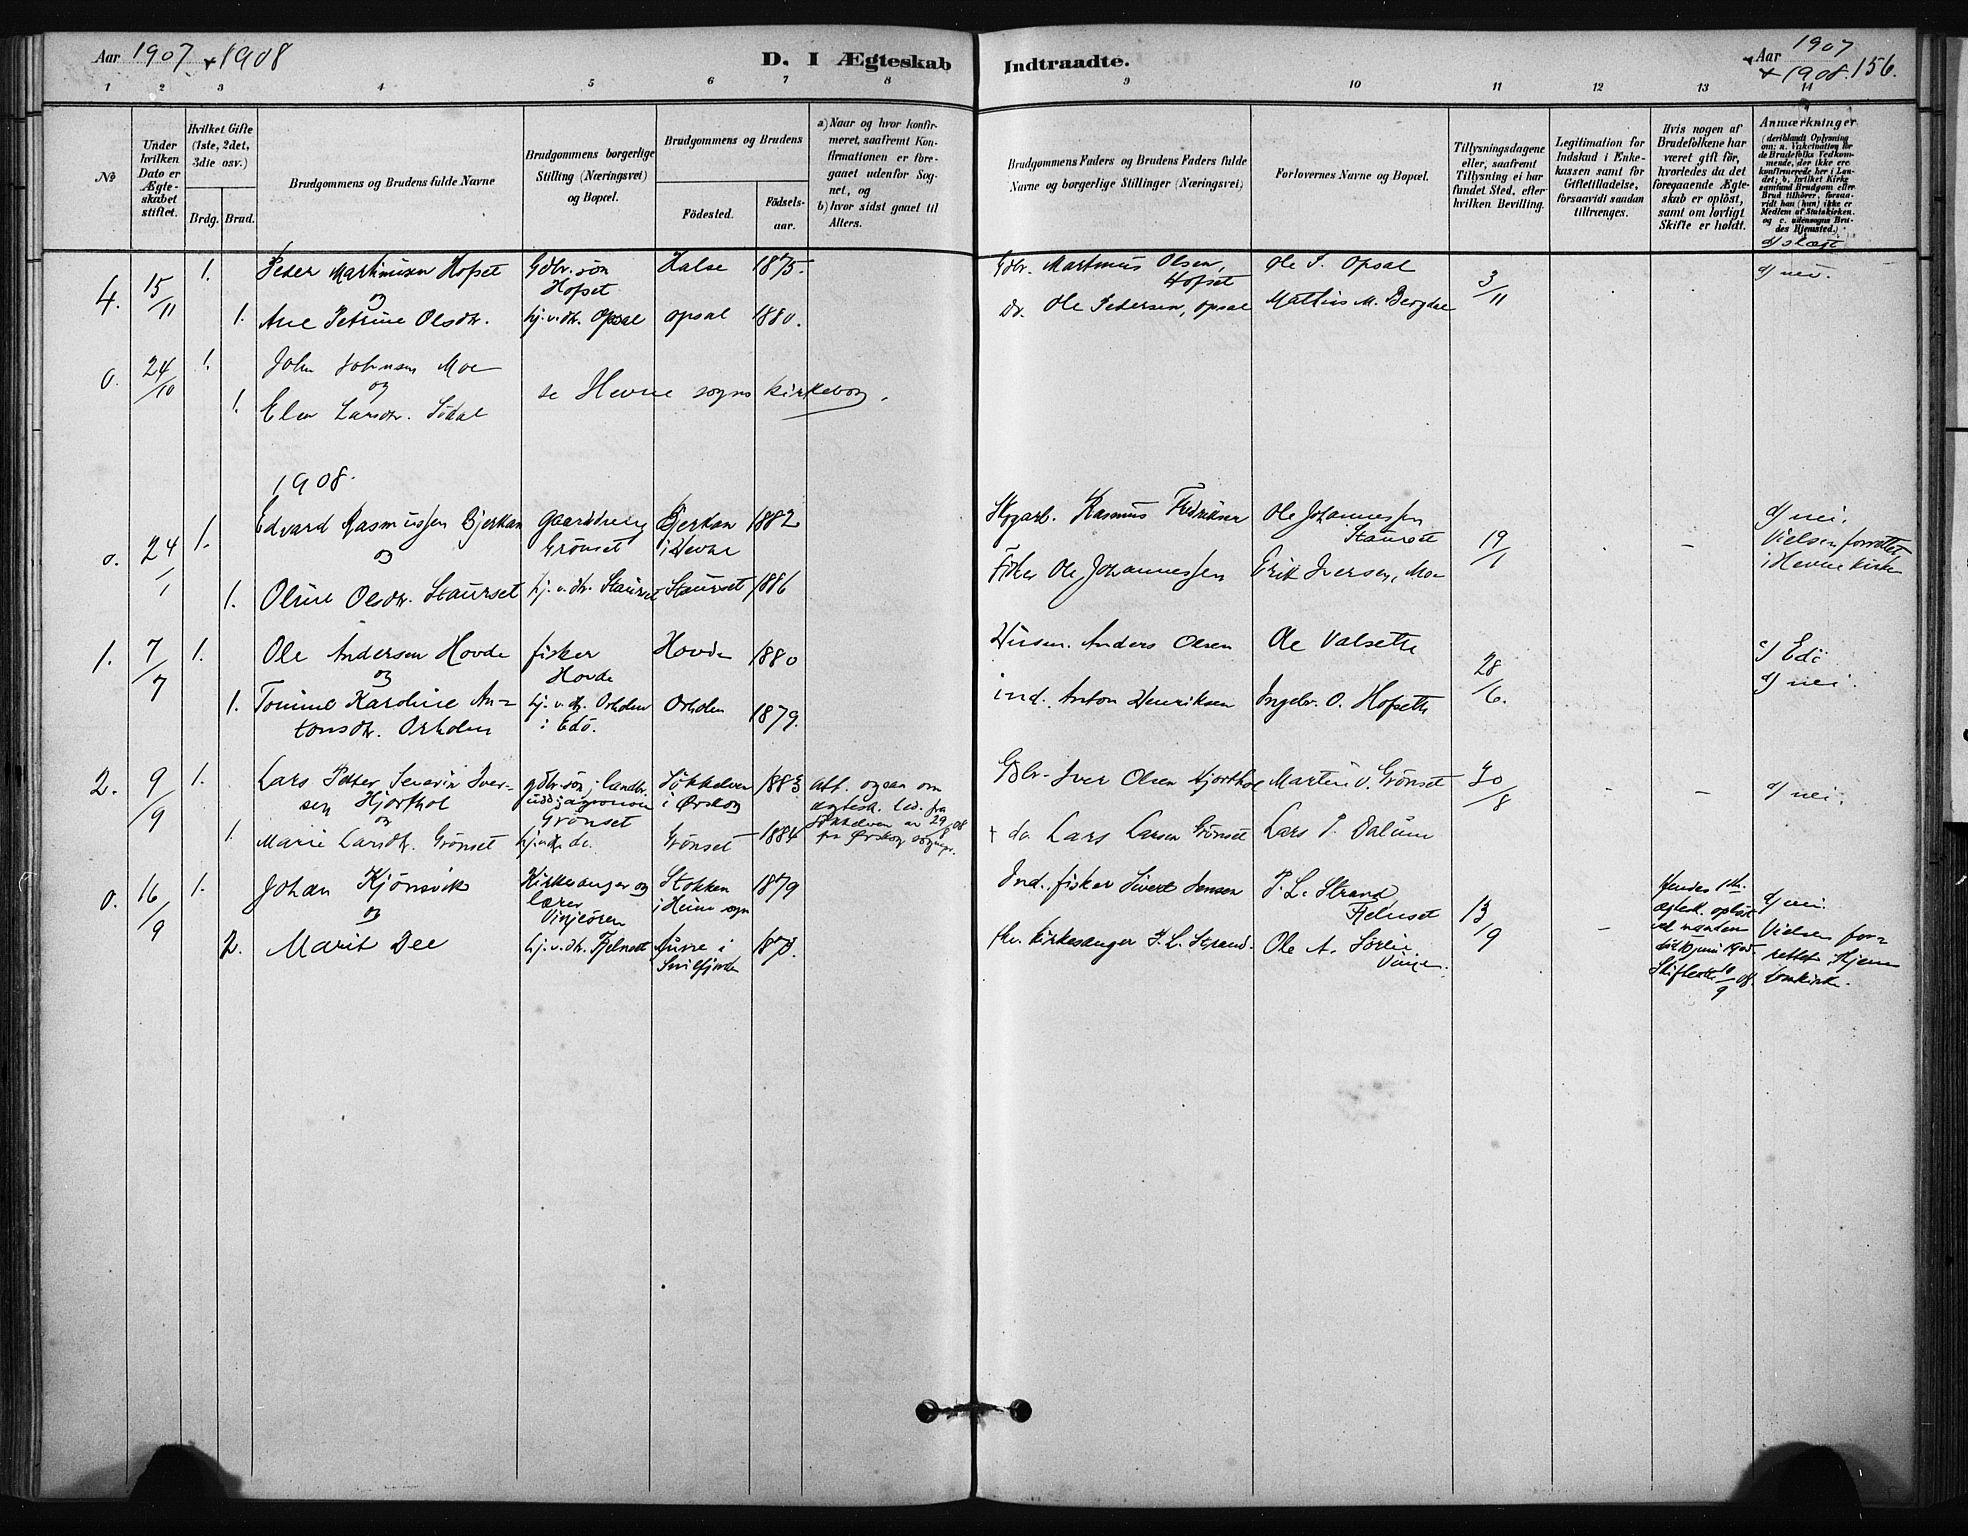 SAT, Ministerialprotokoller, klokkerbøker og fødselsregistre - Sør-Trøndelag, 631/L0512: Ministerialbok nr. 631A01, 1879-1912, s. 156